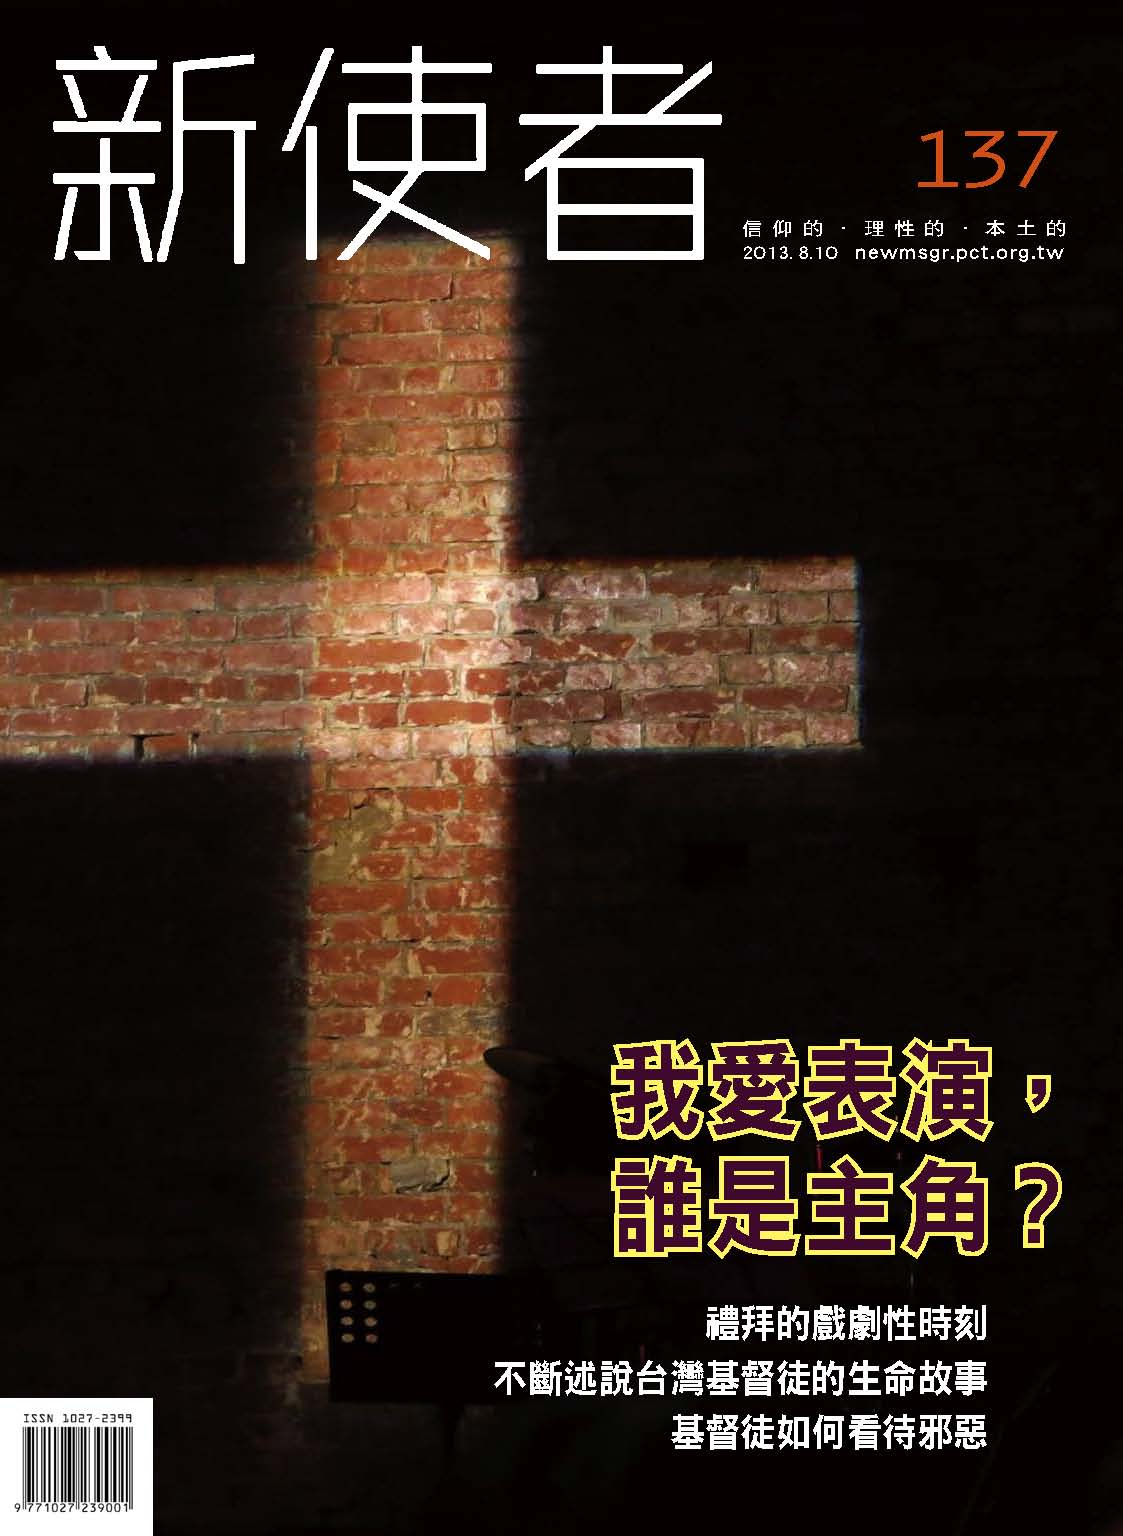 新使者雜誌 The New Messenger  137期  2013年  8月 我愛表演,誰是主角?